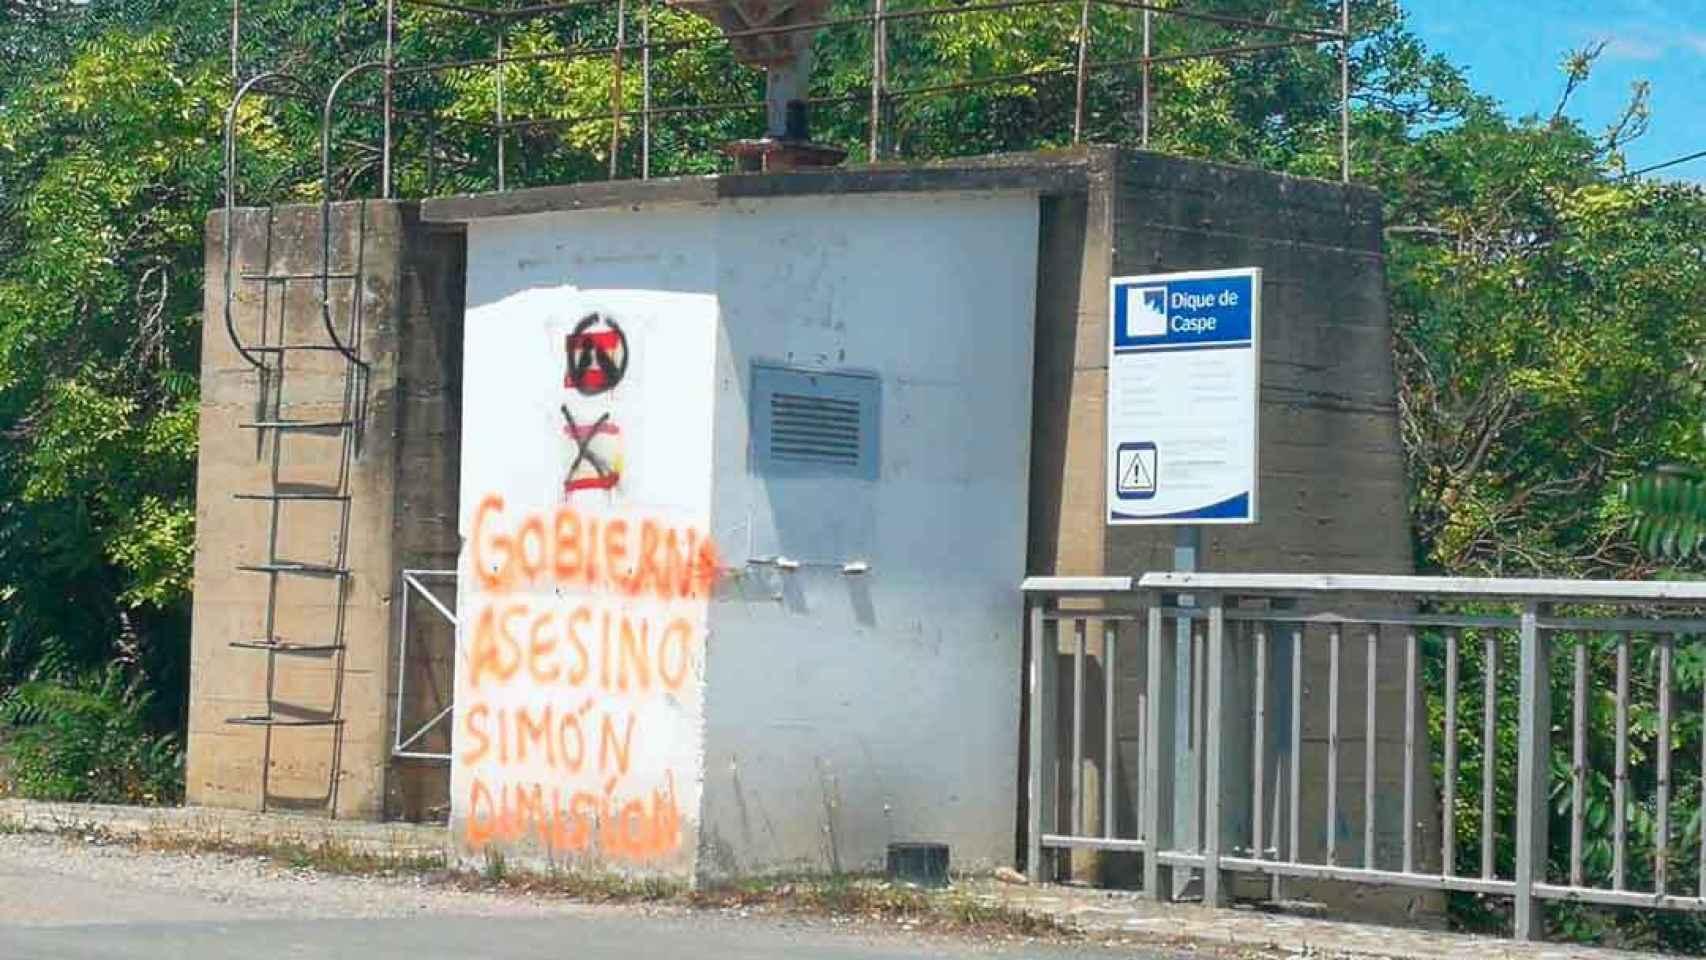 importar maduro enlace  Las agresivas pintadas contra Fernando Simón, el marinero de agua dulce en  Caspe, su sitio de veraneo